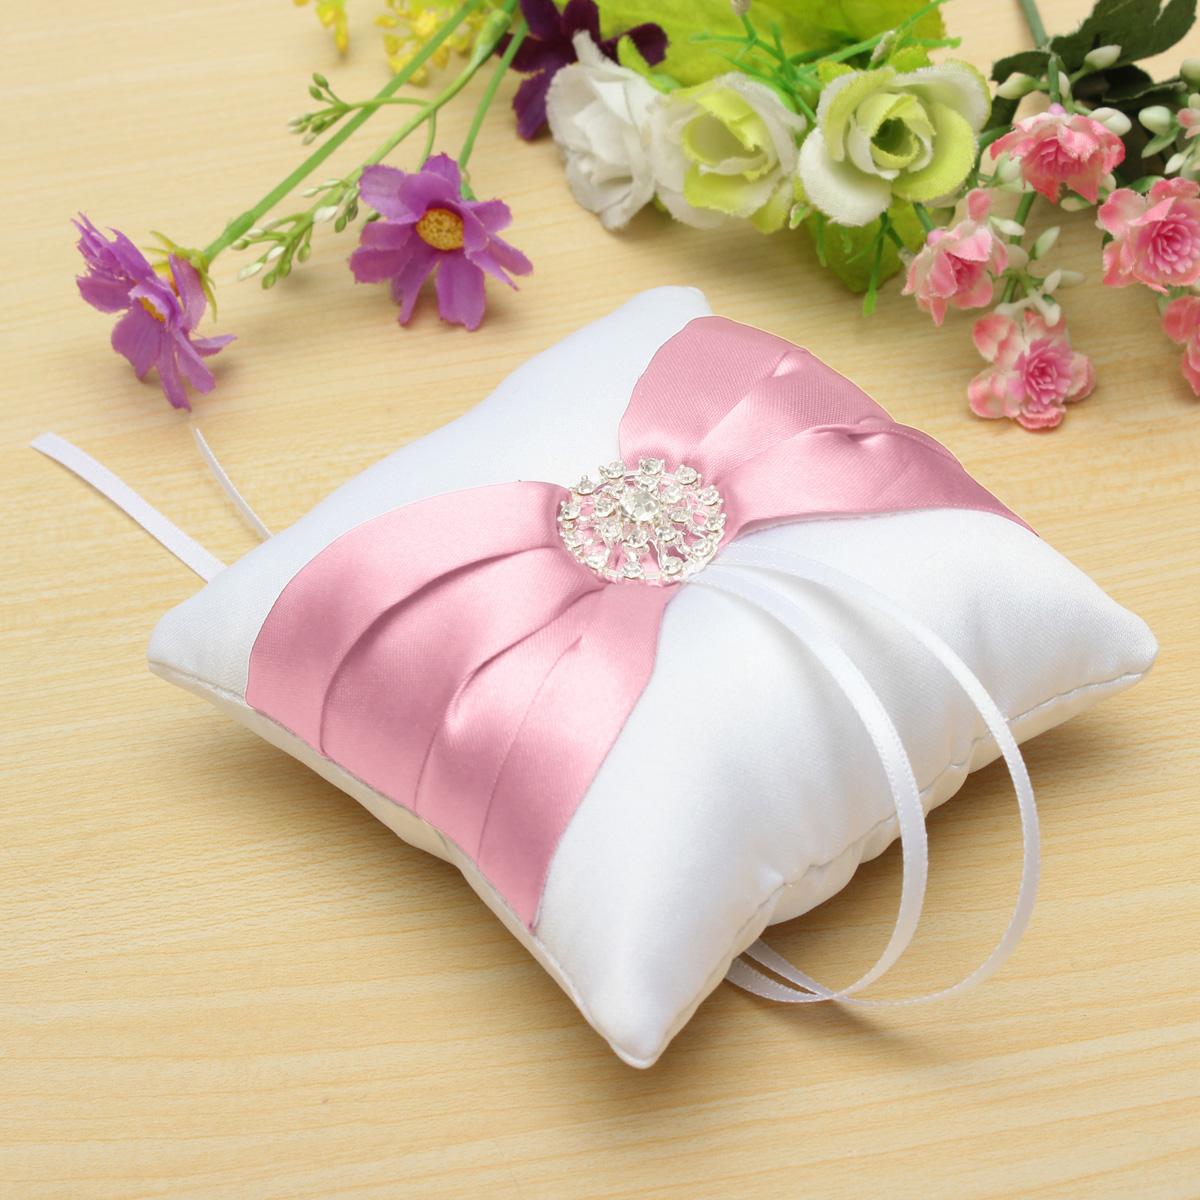 Как сшить подушечку для колец на свадьбу 23